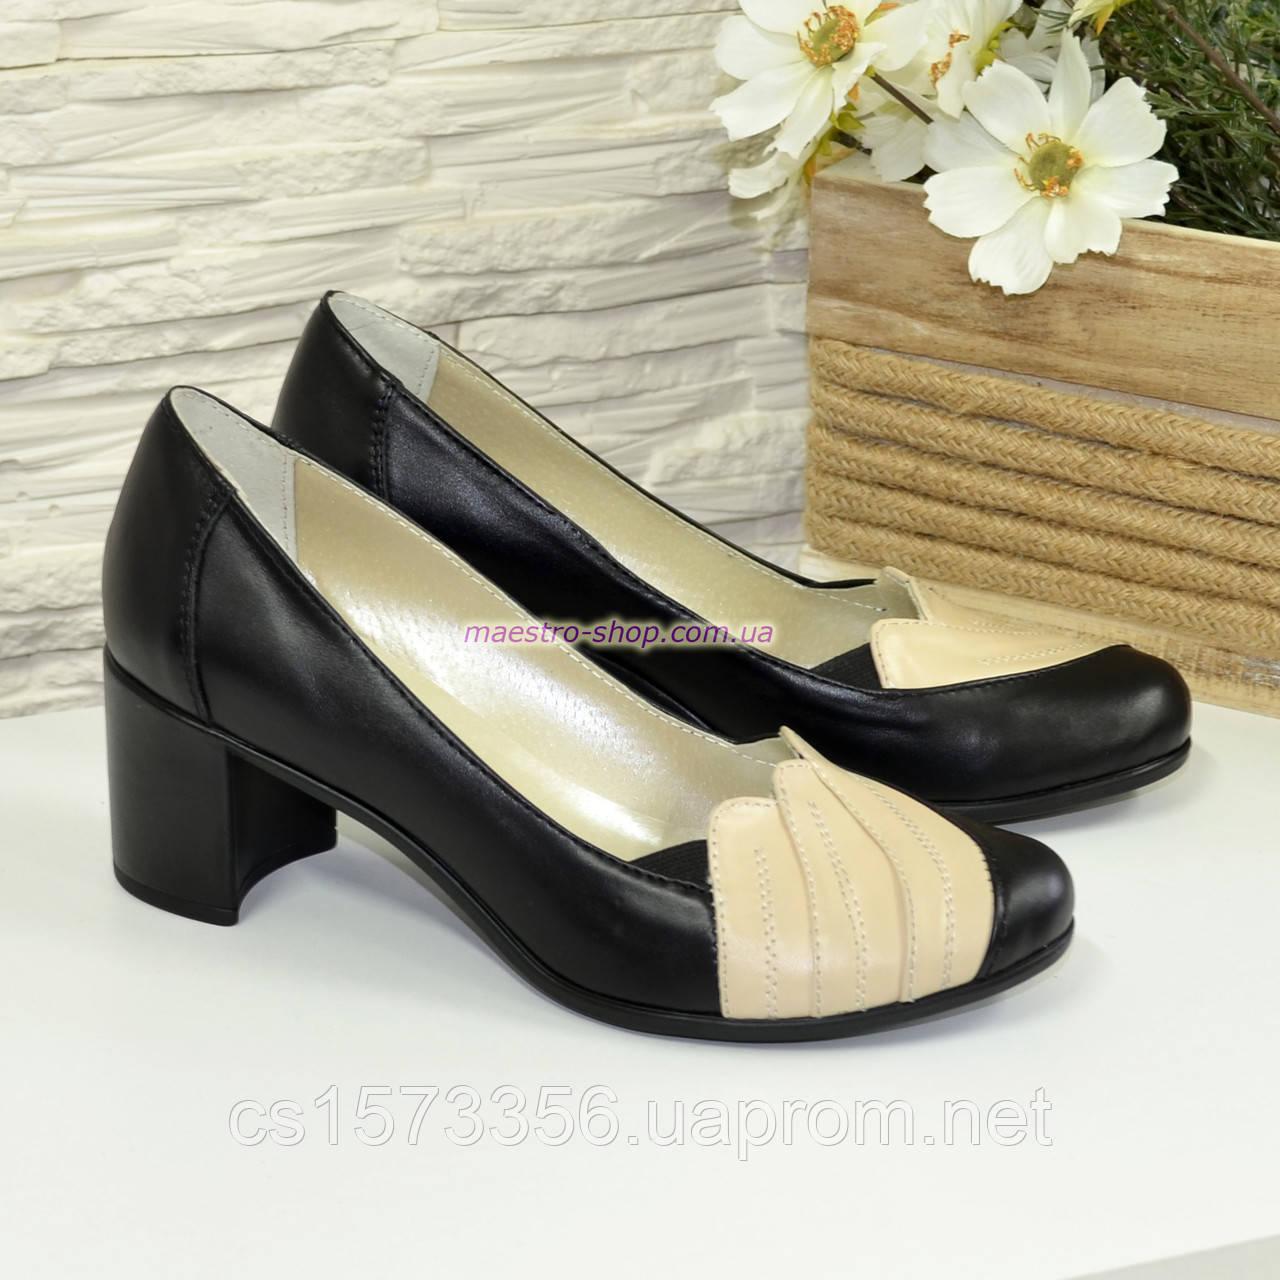 Туфли женские кожаные с замшевыми вставками на высокий подъем на ... c7a3cd8fd7b